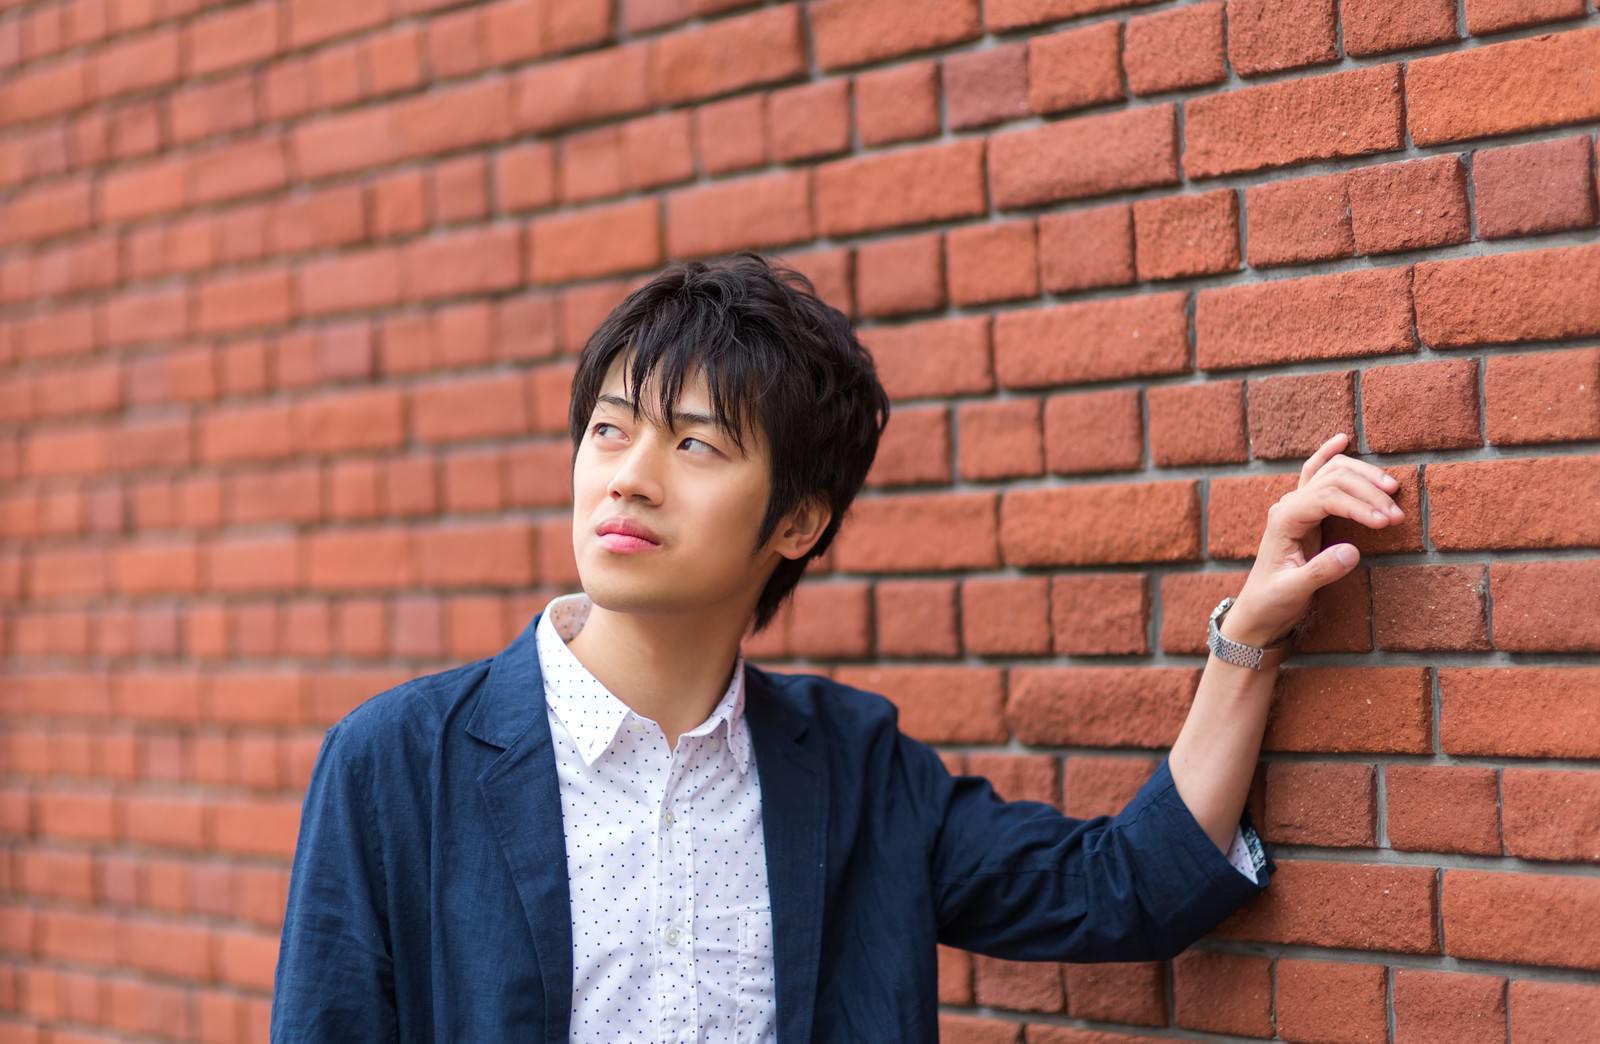 「レンガの壁に寄りかかる青年」の写真[モデル:Tsuyoshi.]